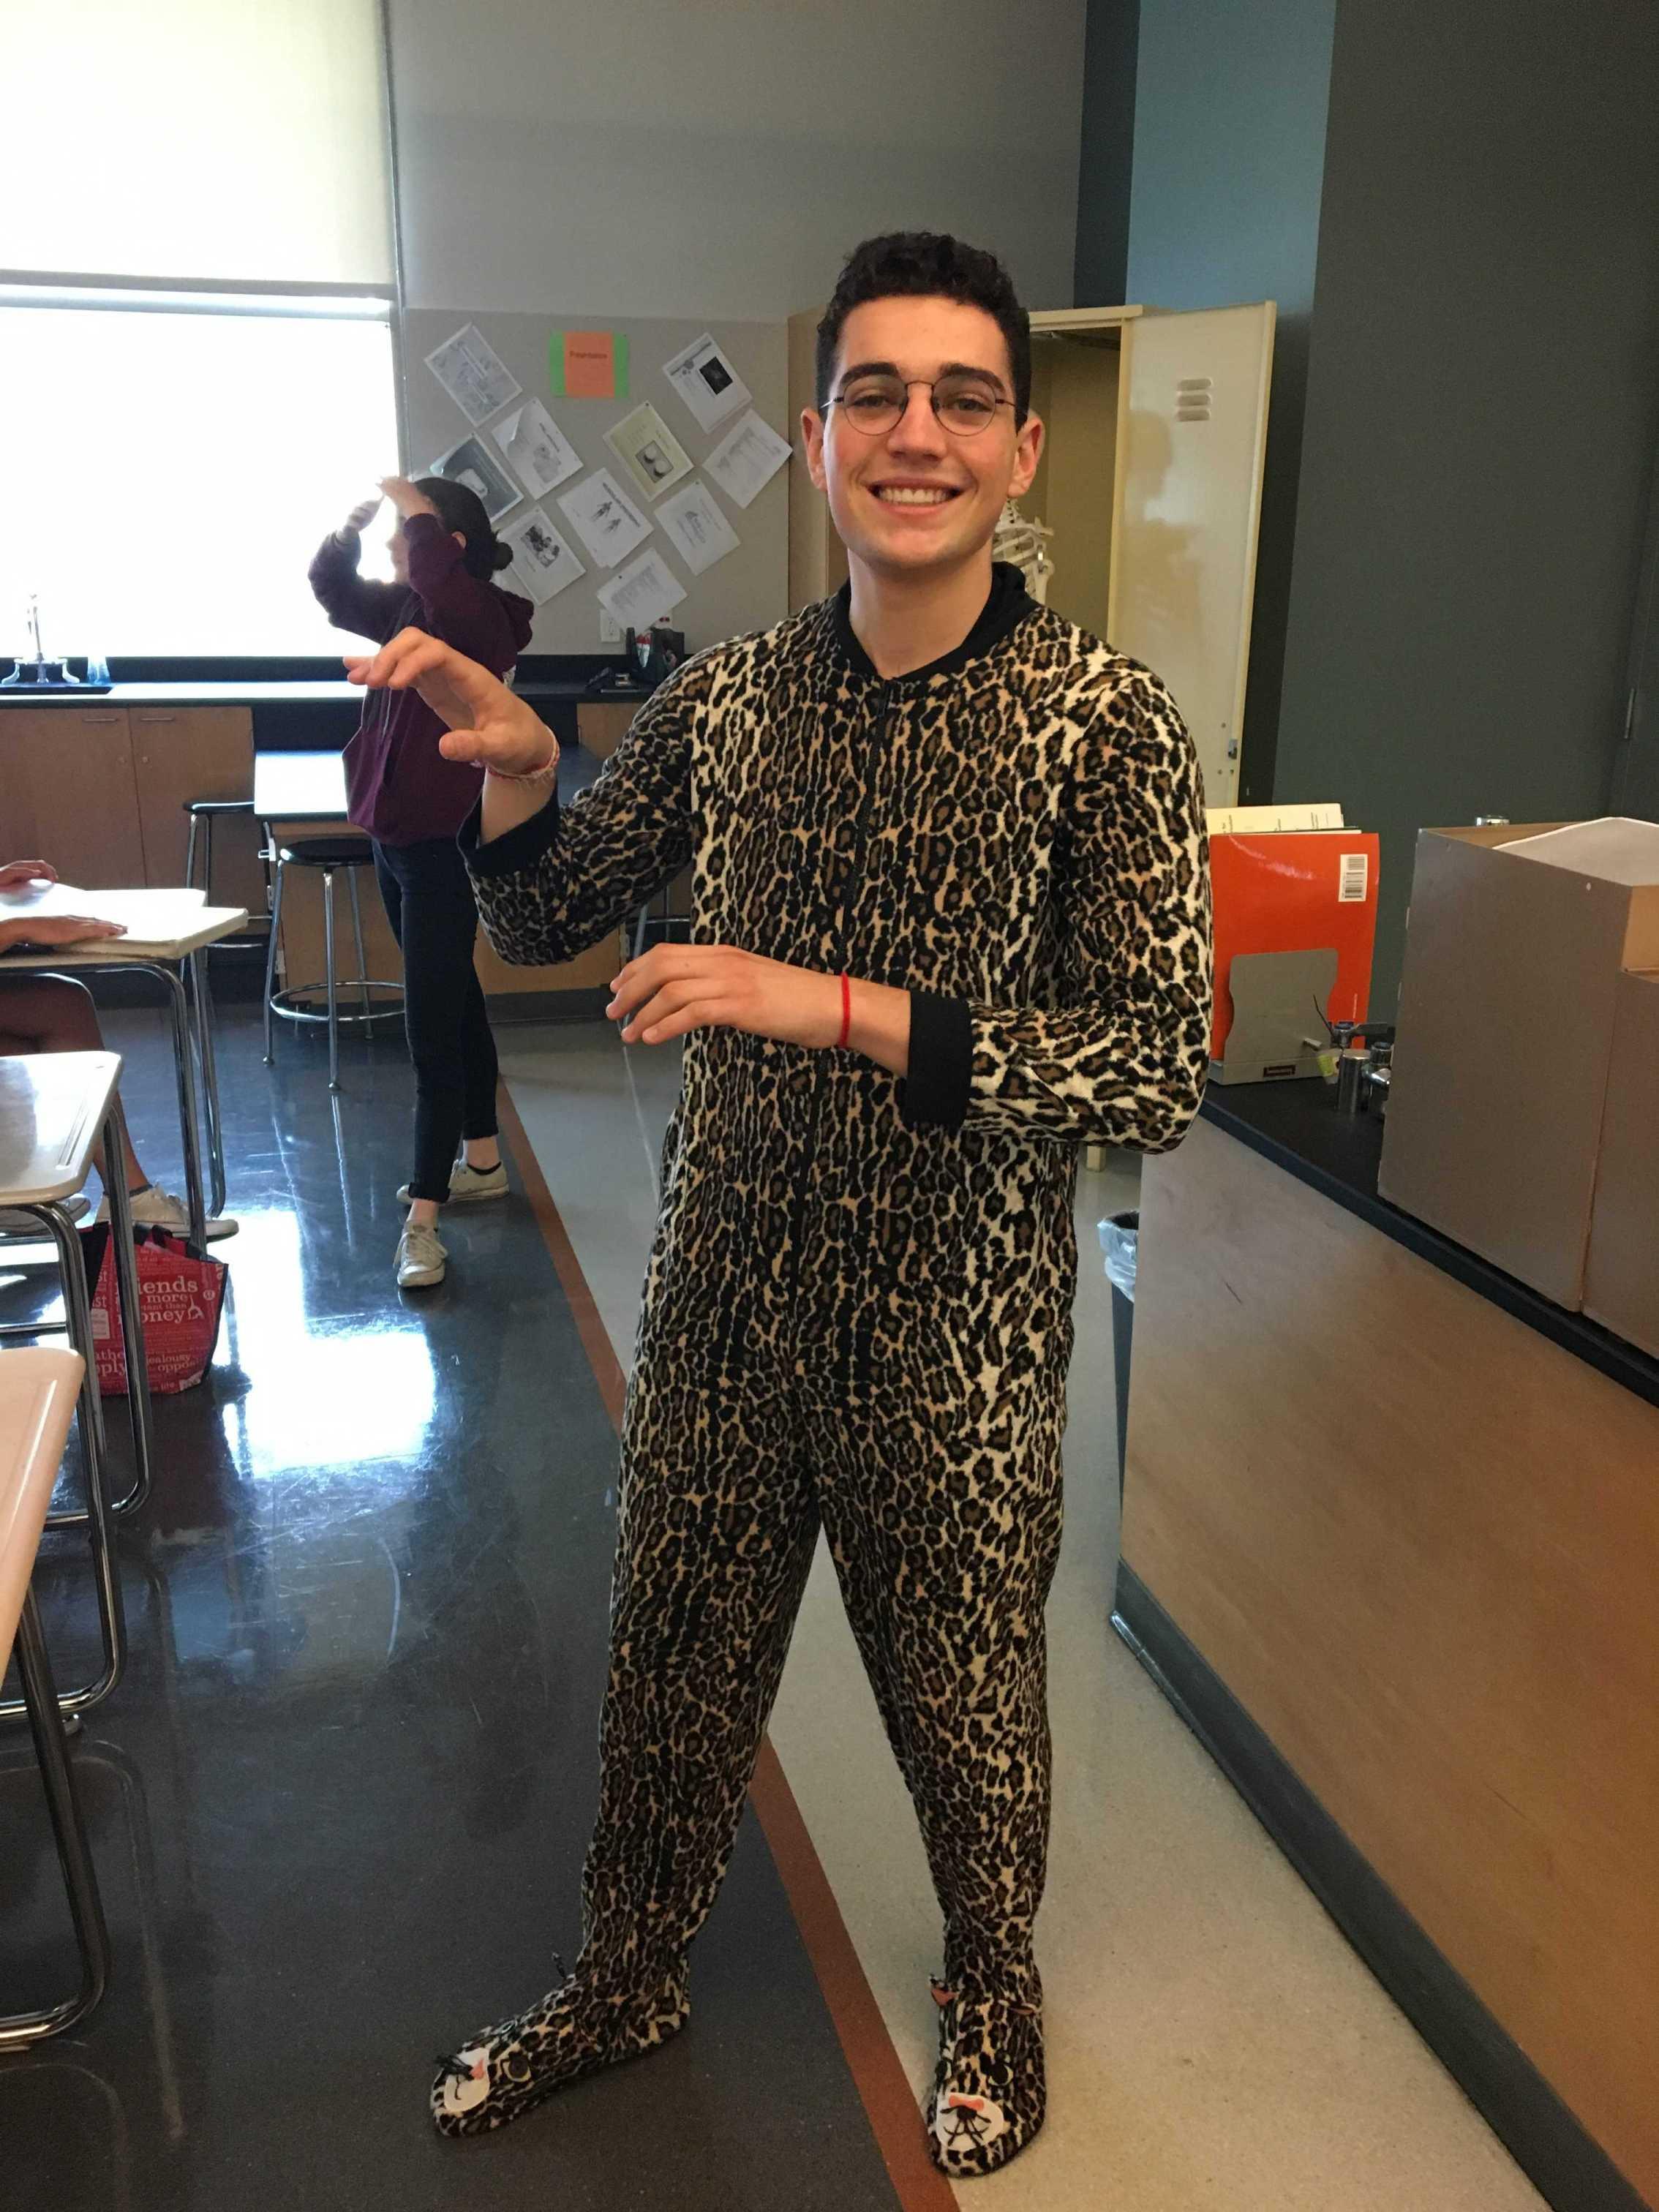 Pajama Wednesday